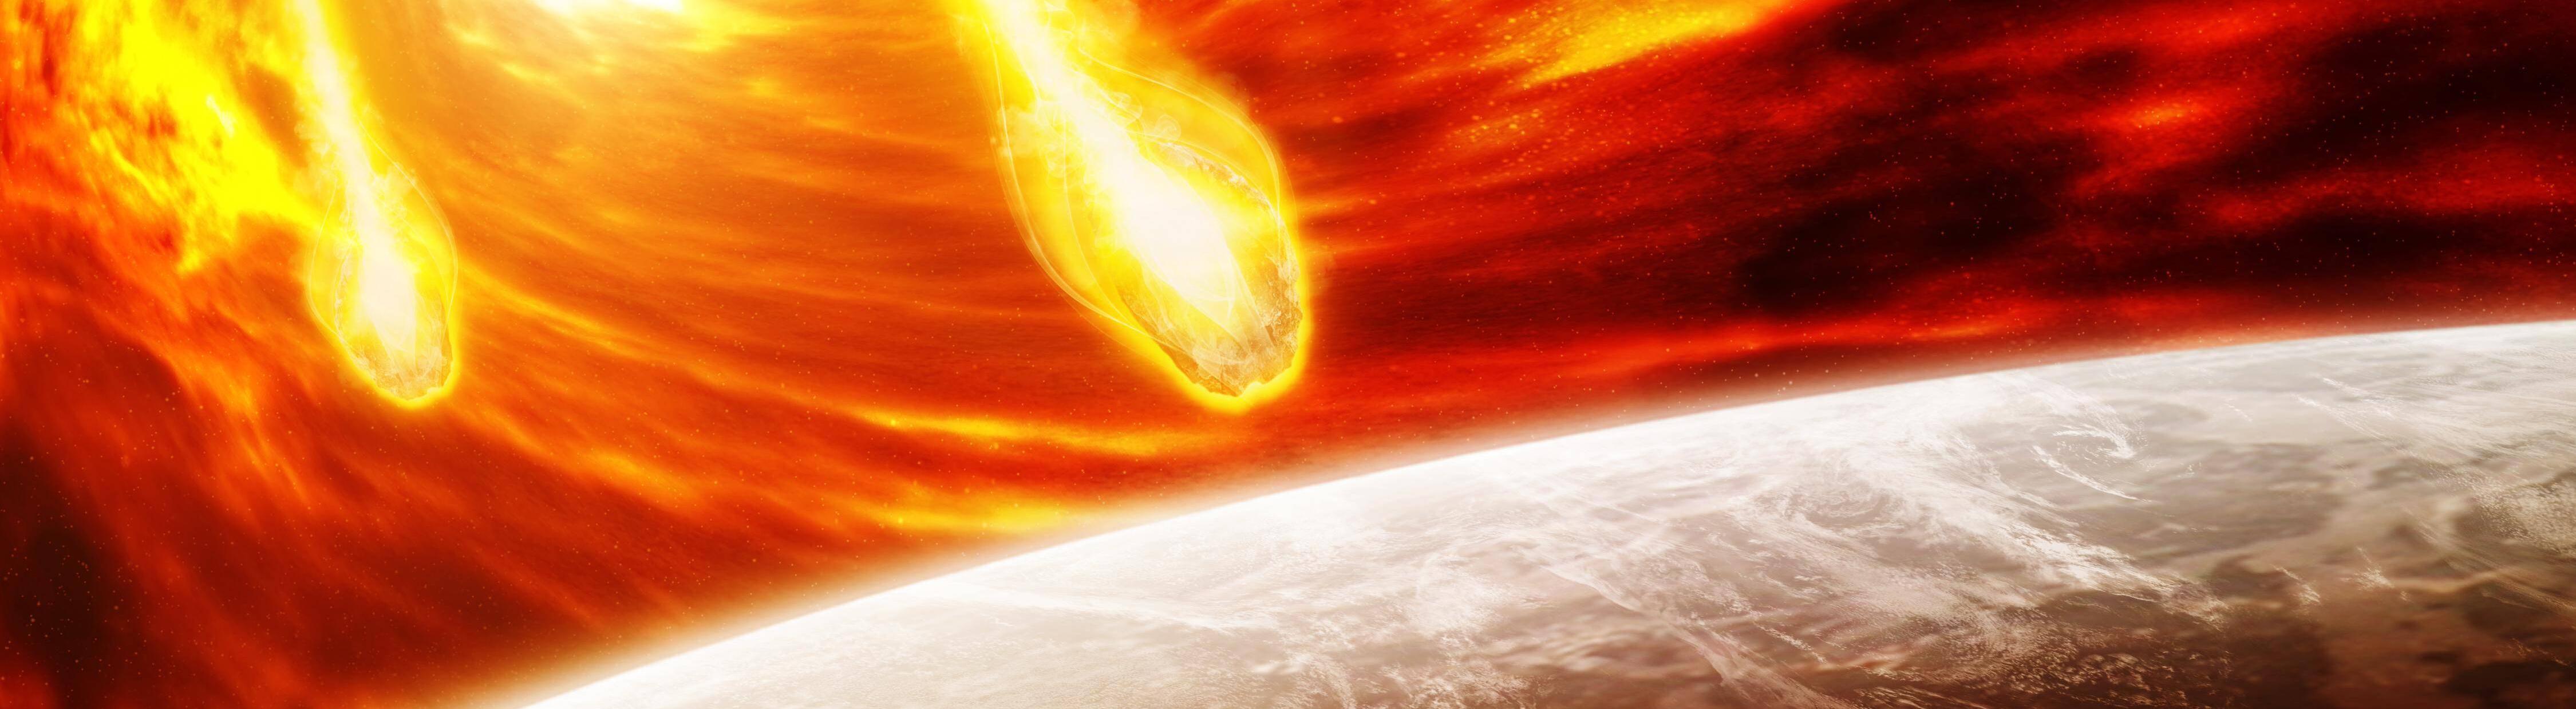 Meteoriten in der Erdatmosphäre